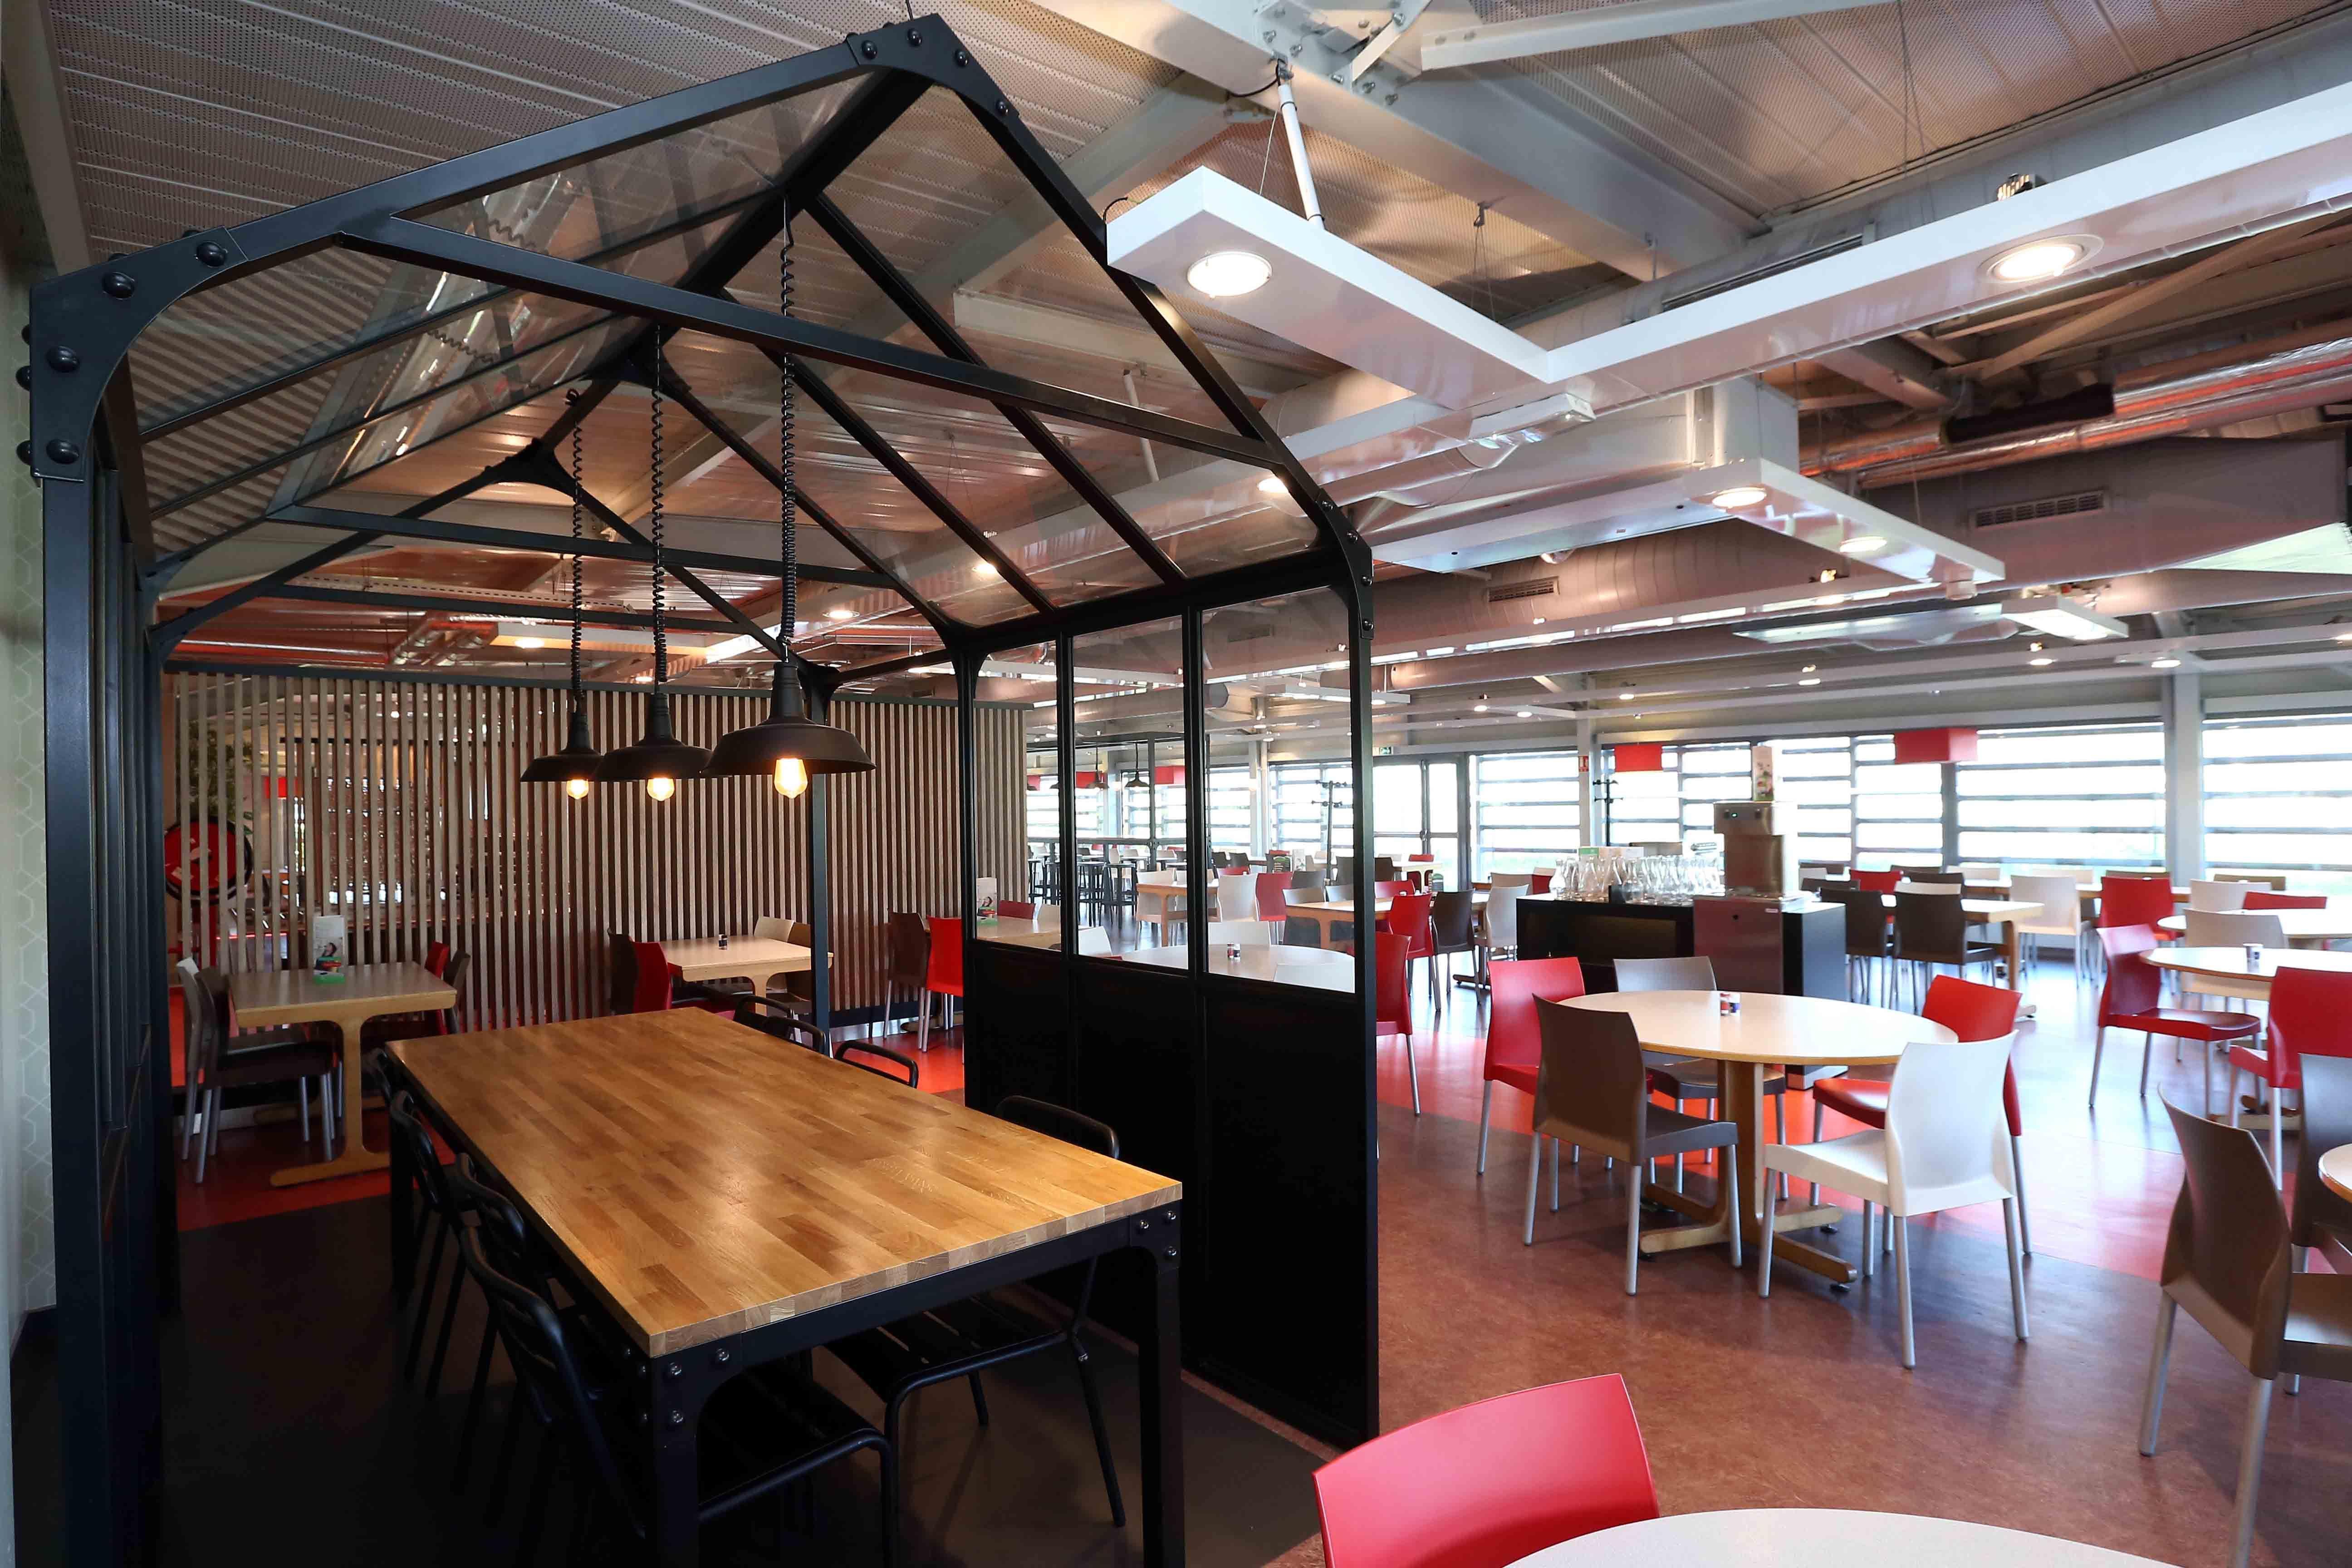 Structure vintage industriel mobilier restaurant d 39 entreprise mobilier restauration - Restauration meuble industriel ...